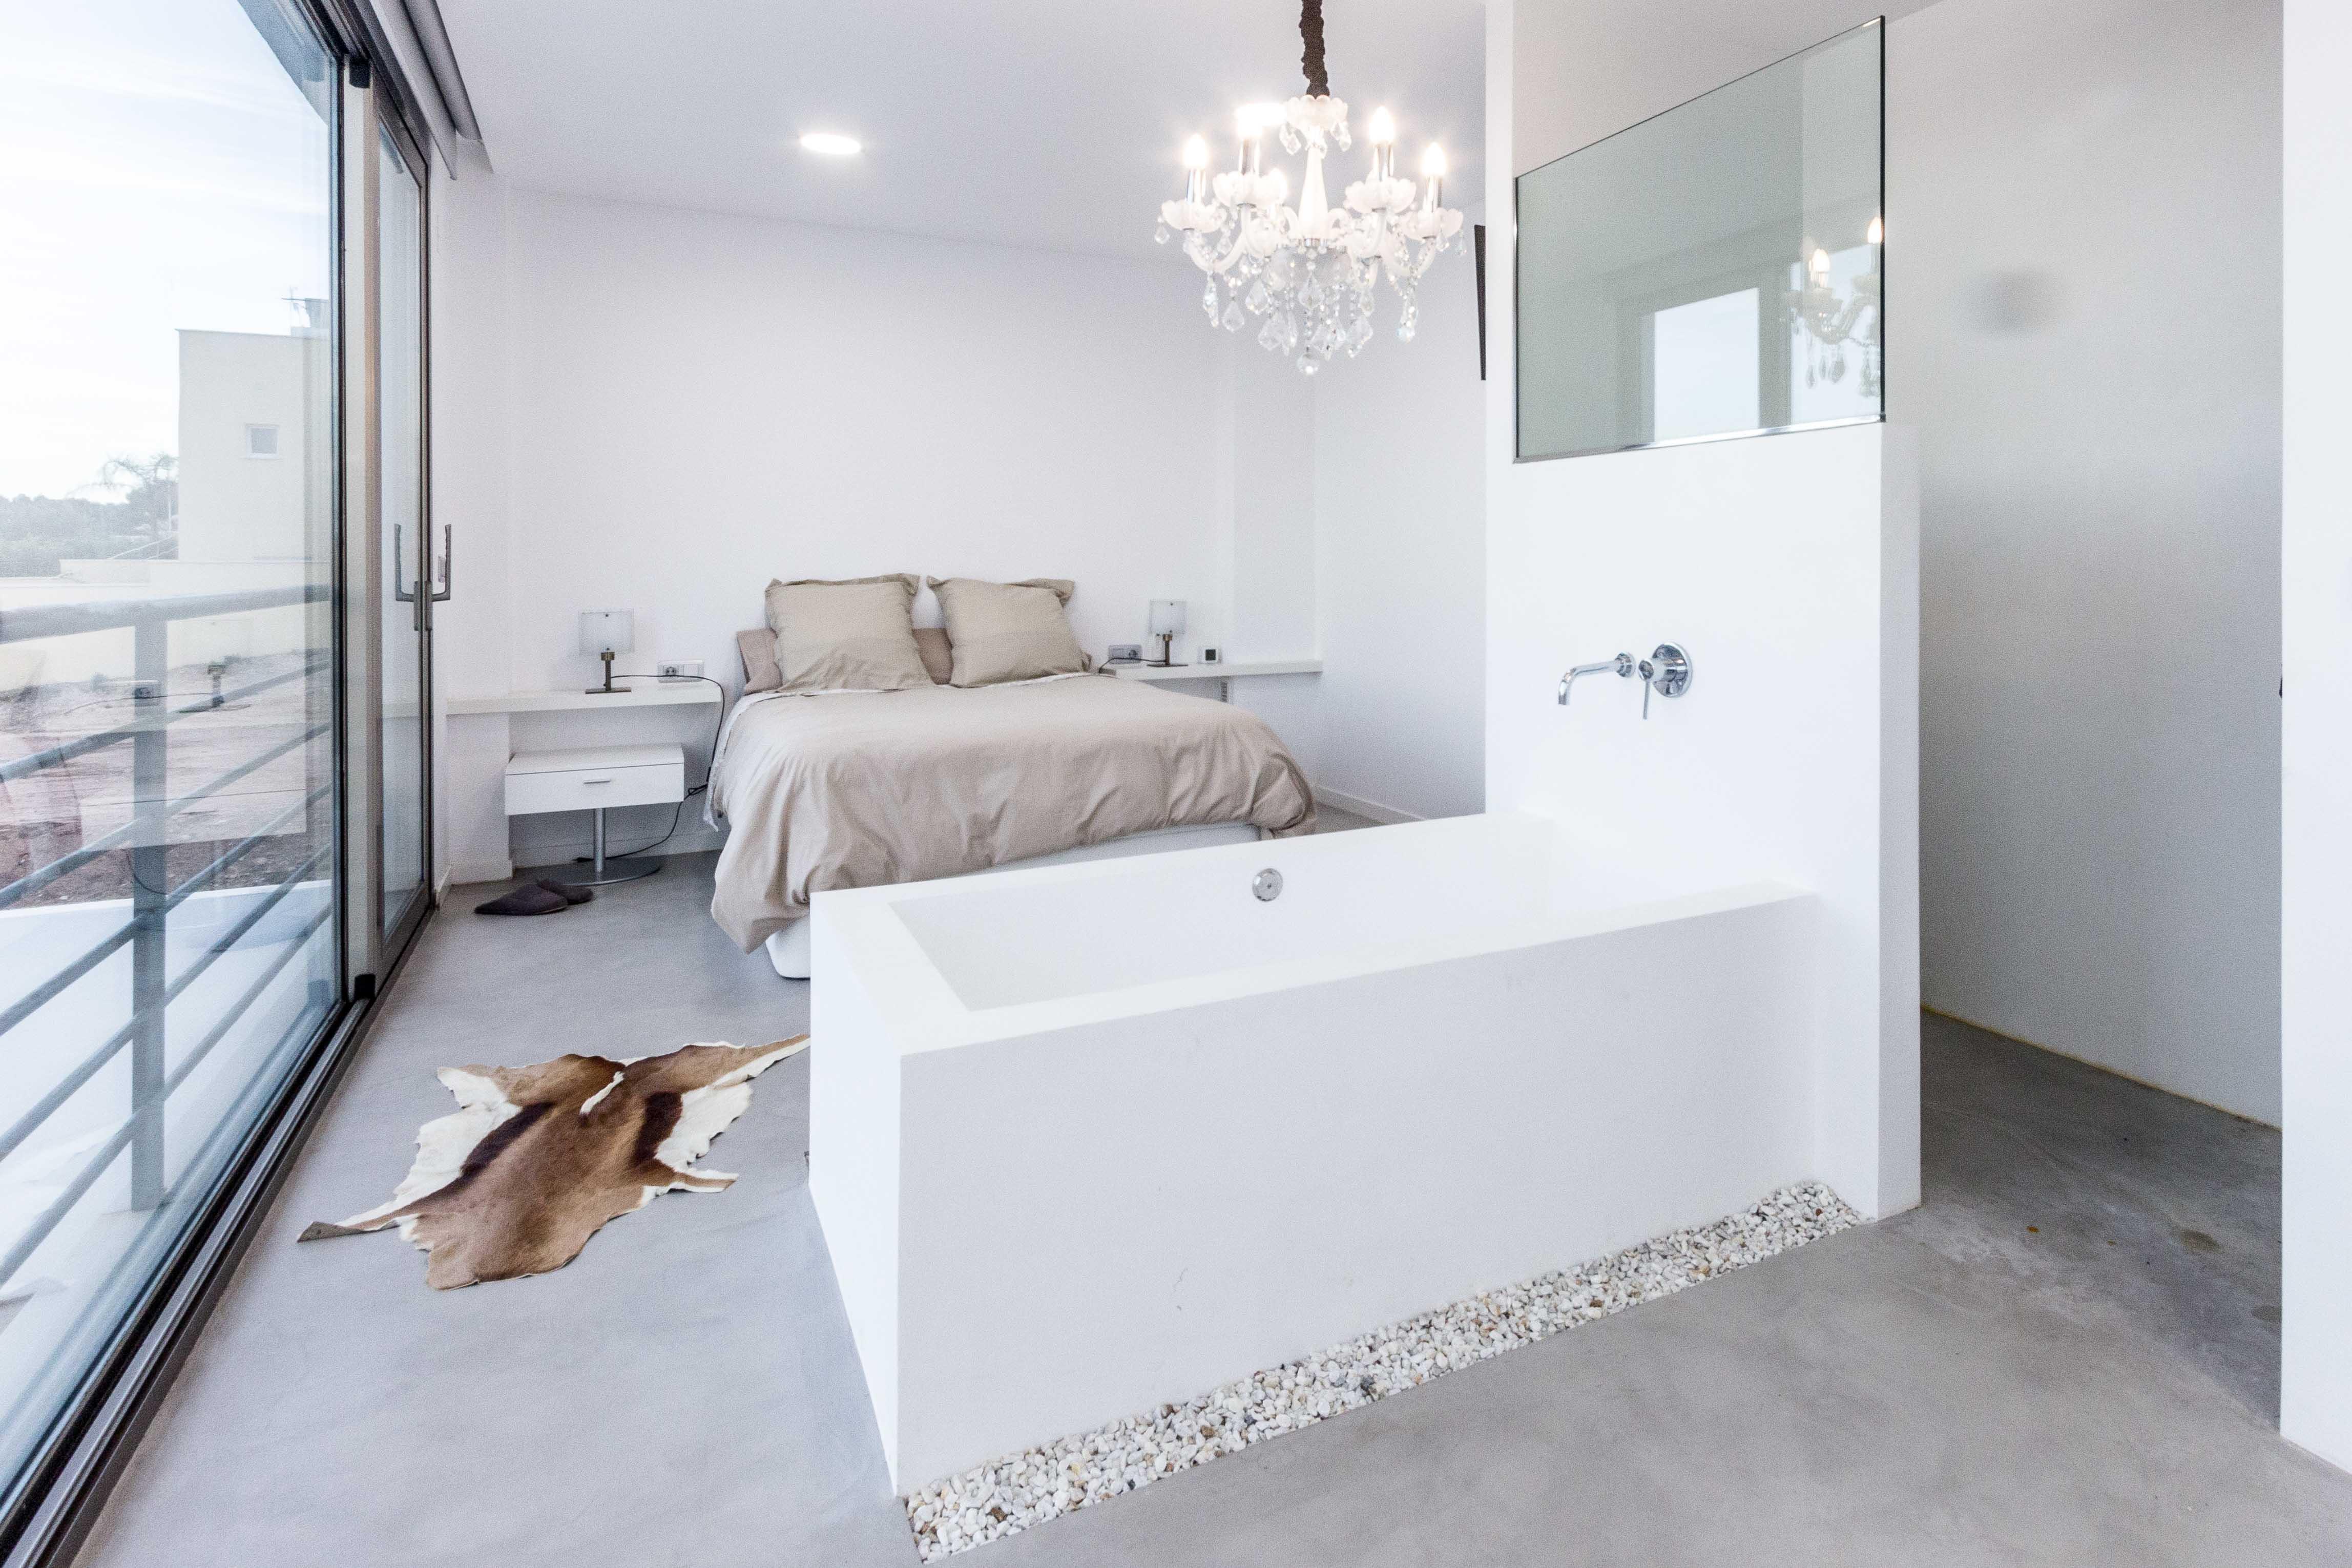 Bañera exenta en dormitorio de microcemento blanco en casa cubo mediterranea. Chiralt arquitectos Valencia.